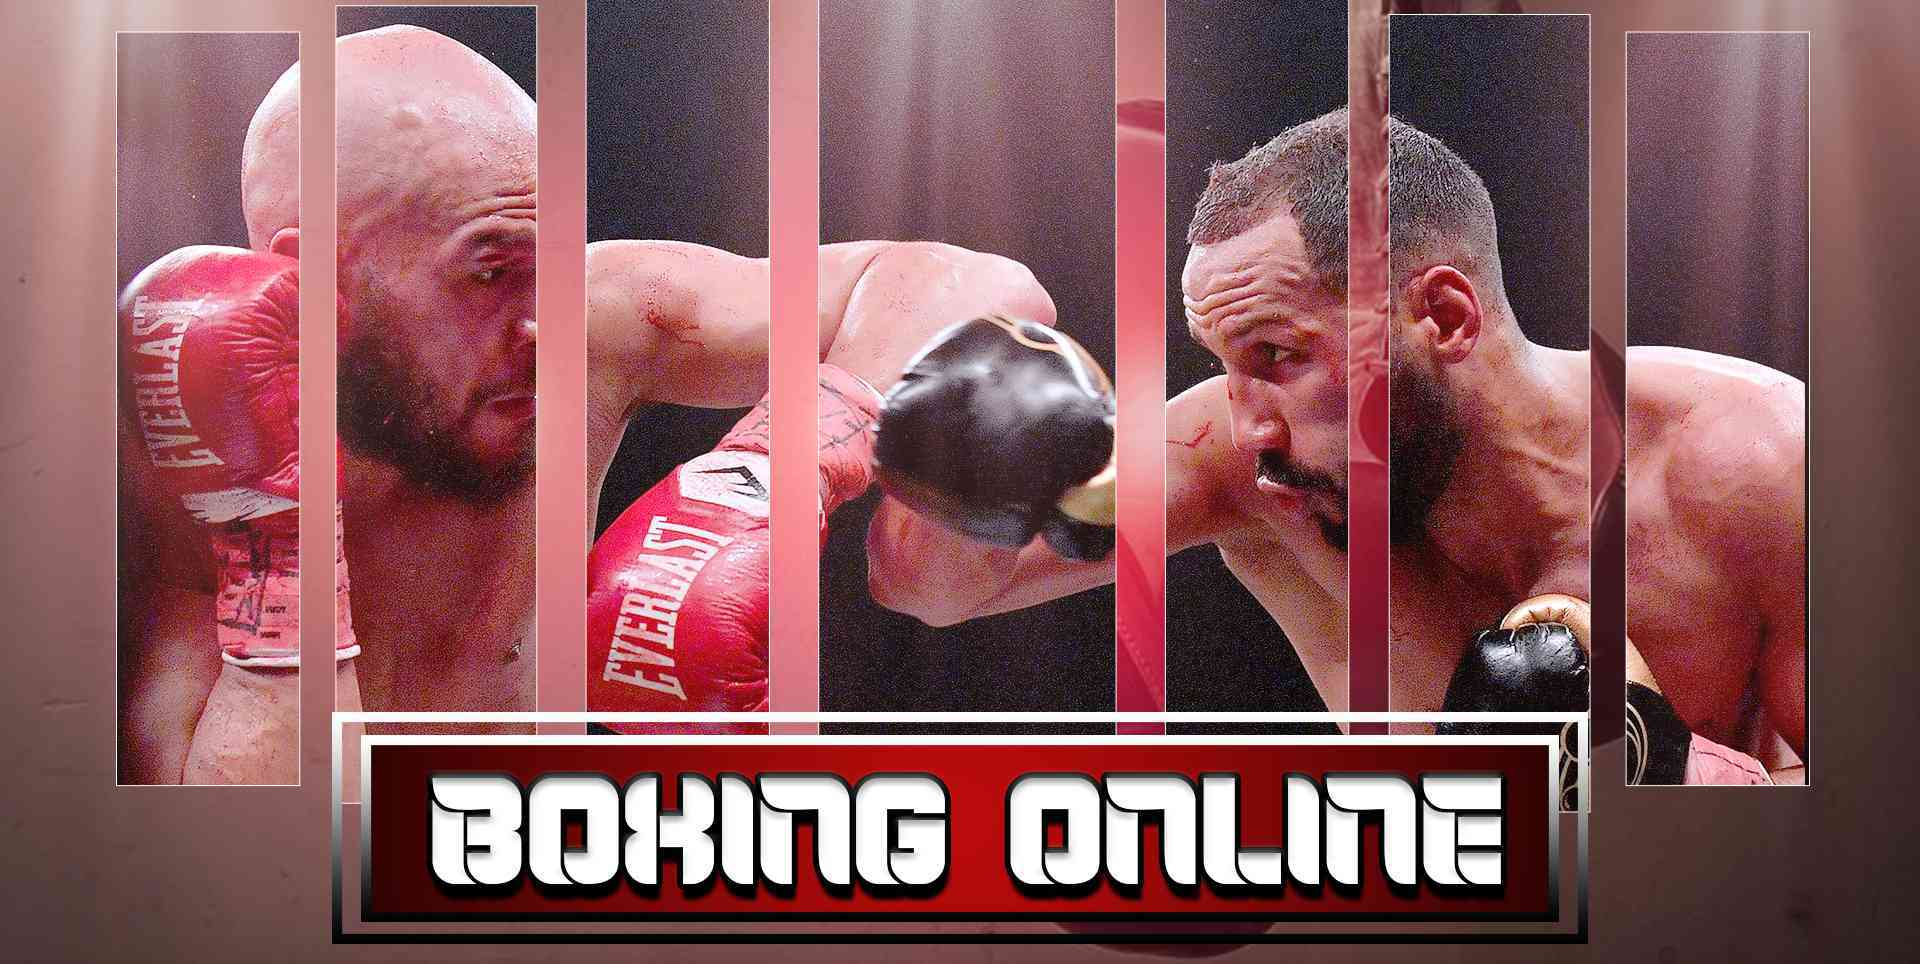 Watch Zhanat Zhakiyanov vs. Gagi Edisherashvili Online